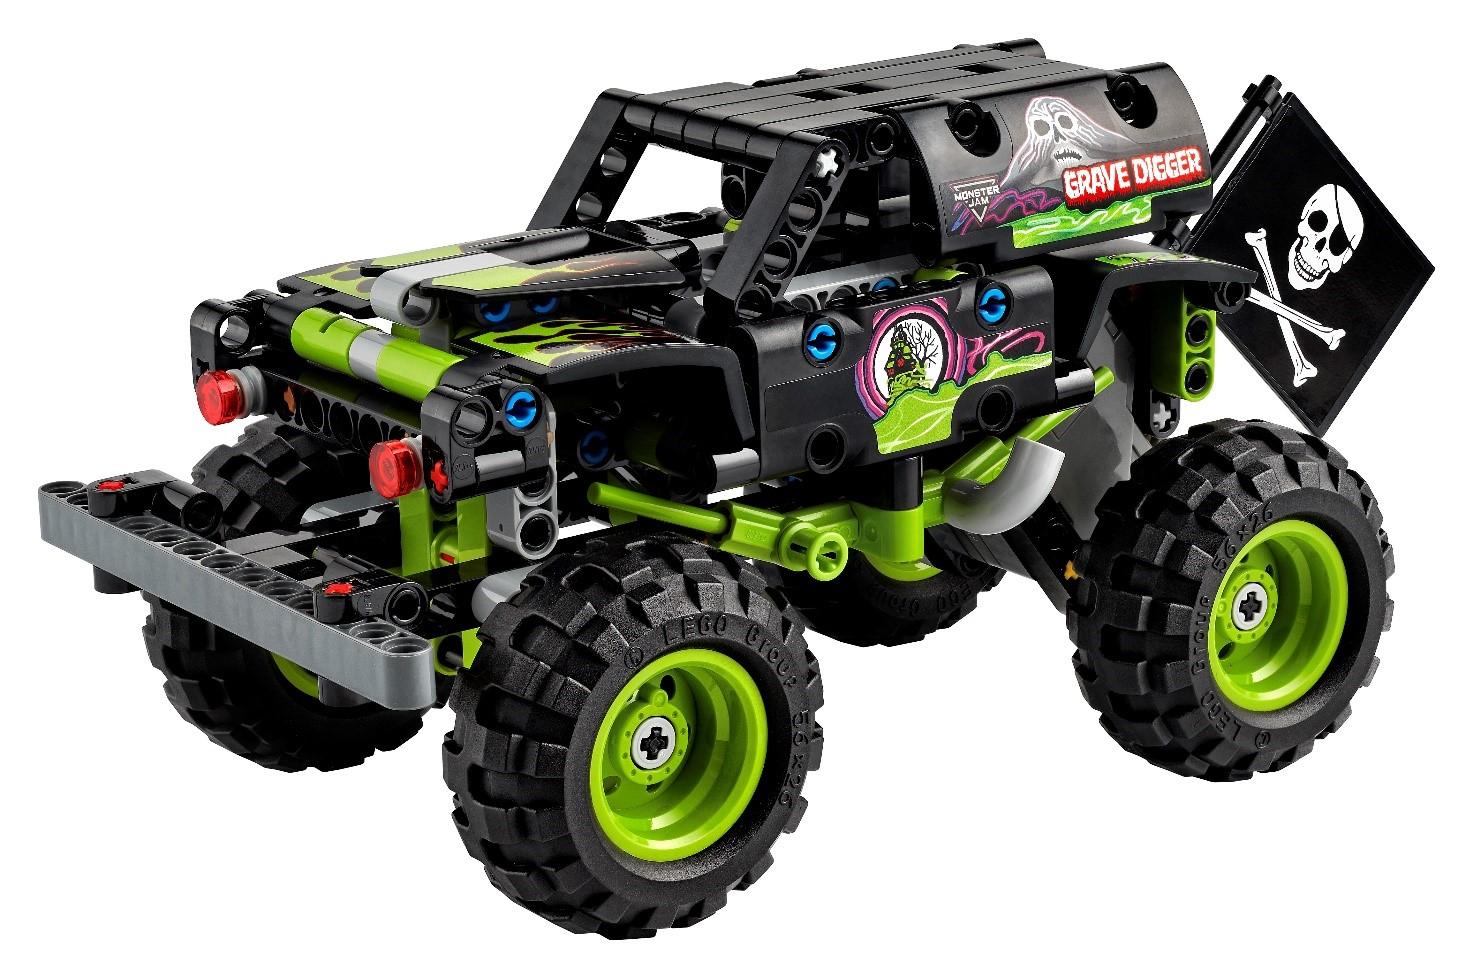 Lego presenta dos nuevos modelos de camiones monstruo